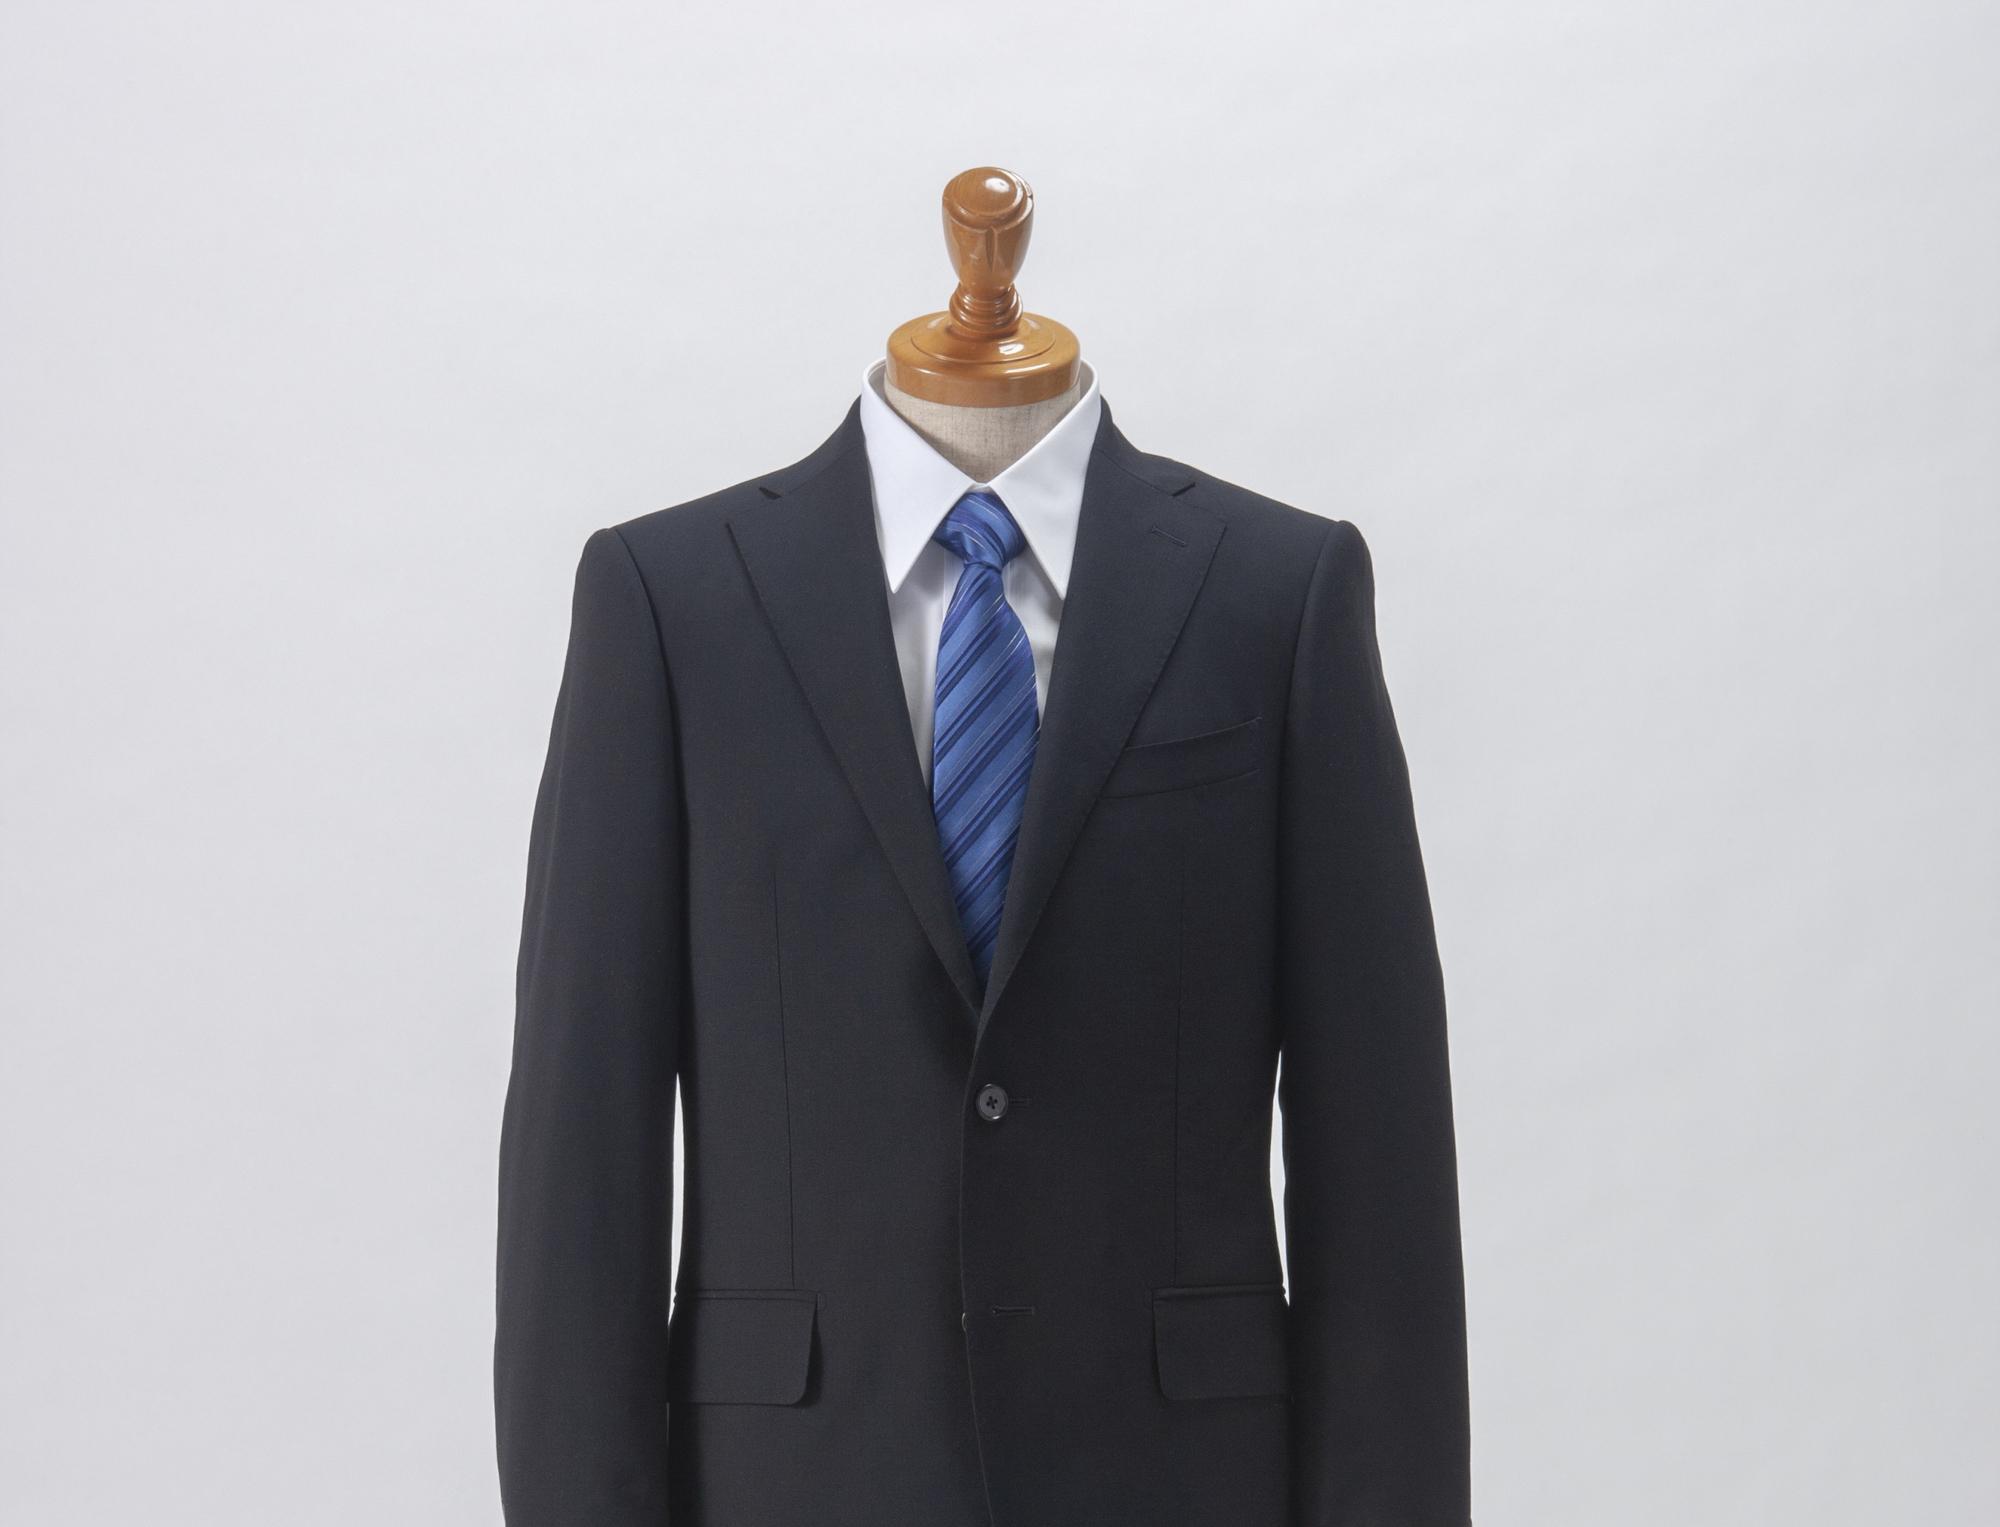 礼服とビジネススーツの違い ビジネスマンなら知っておきたい基礎知識